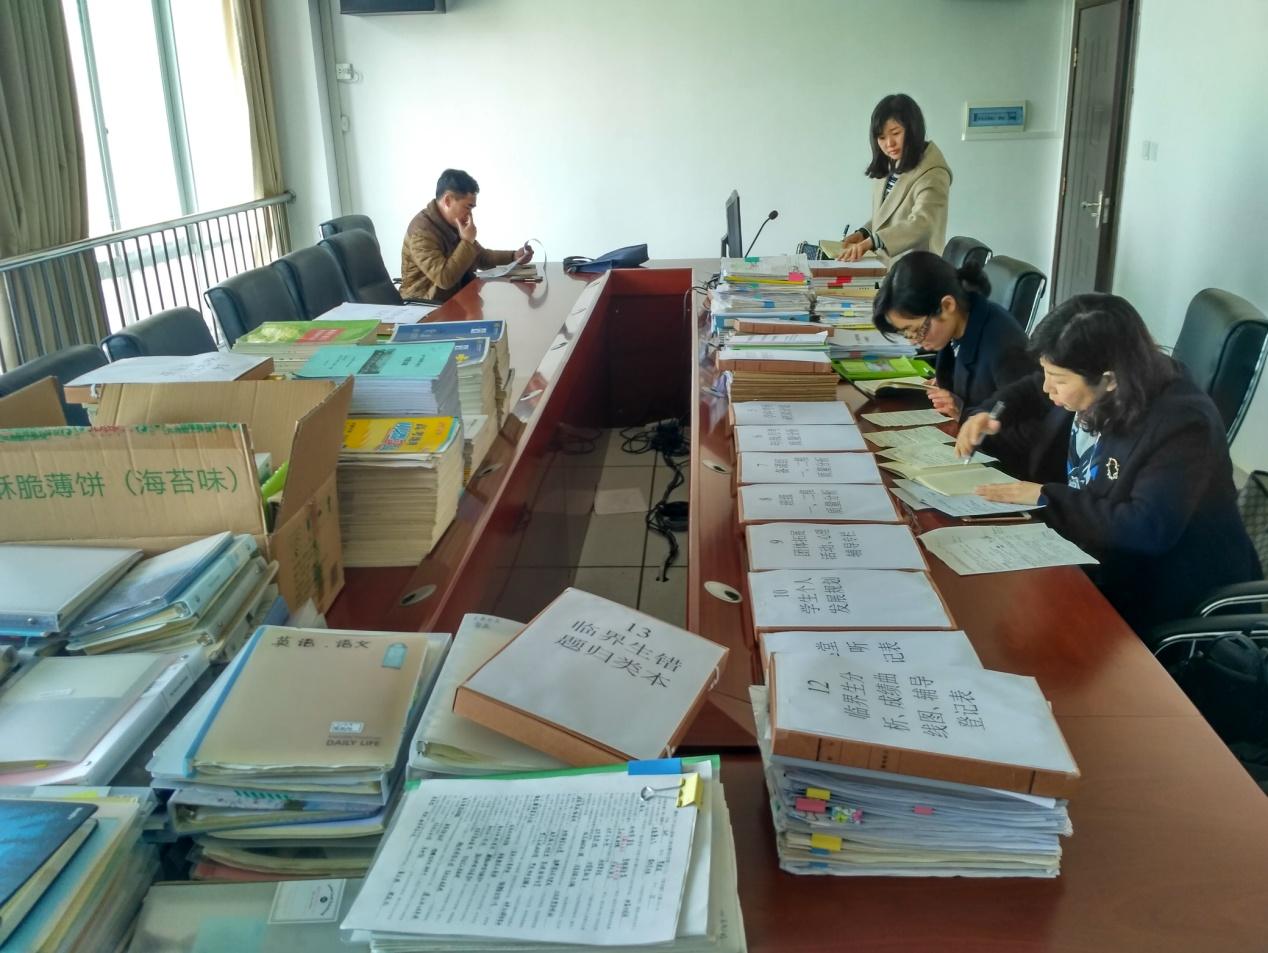 科学定位,精准备考,齐心协力助登科——柳州市教育局高三视导团来我校检查工作